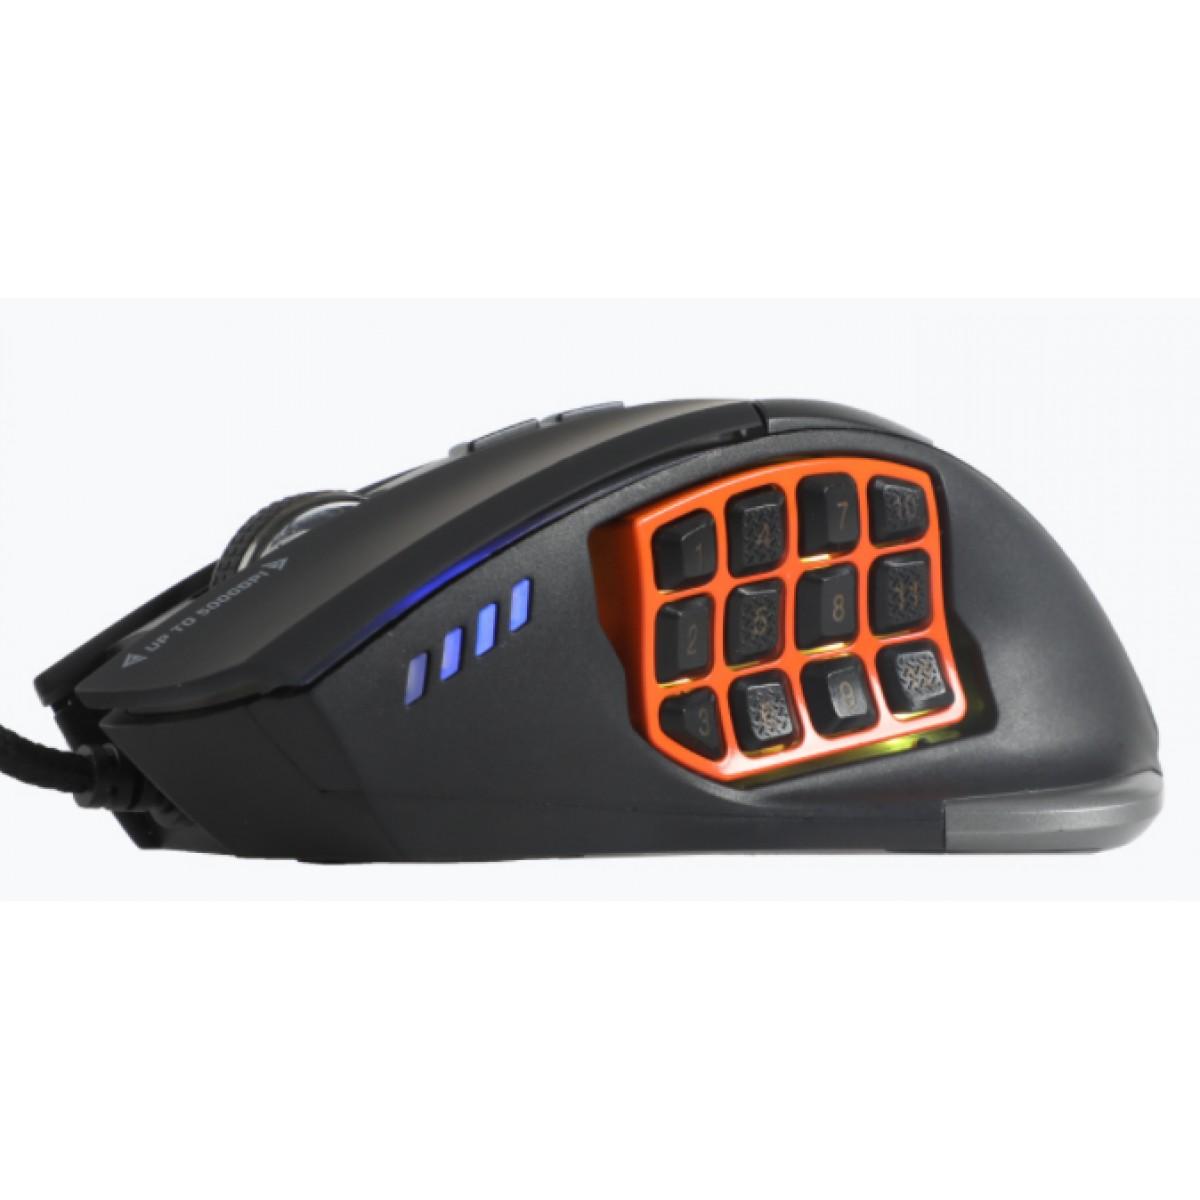 Mouse Gamer Dazz, Moba PRO, 5000DPI, USB, 17 Botões, 625294